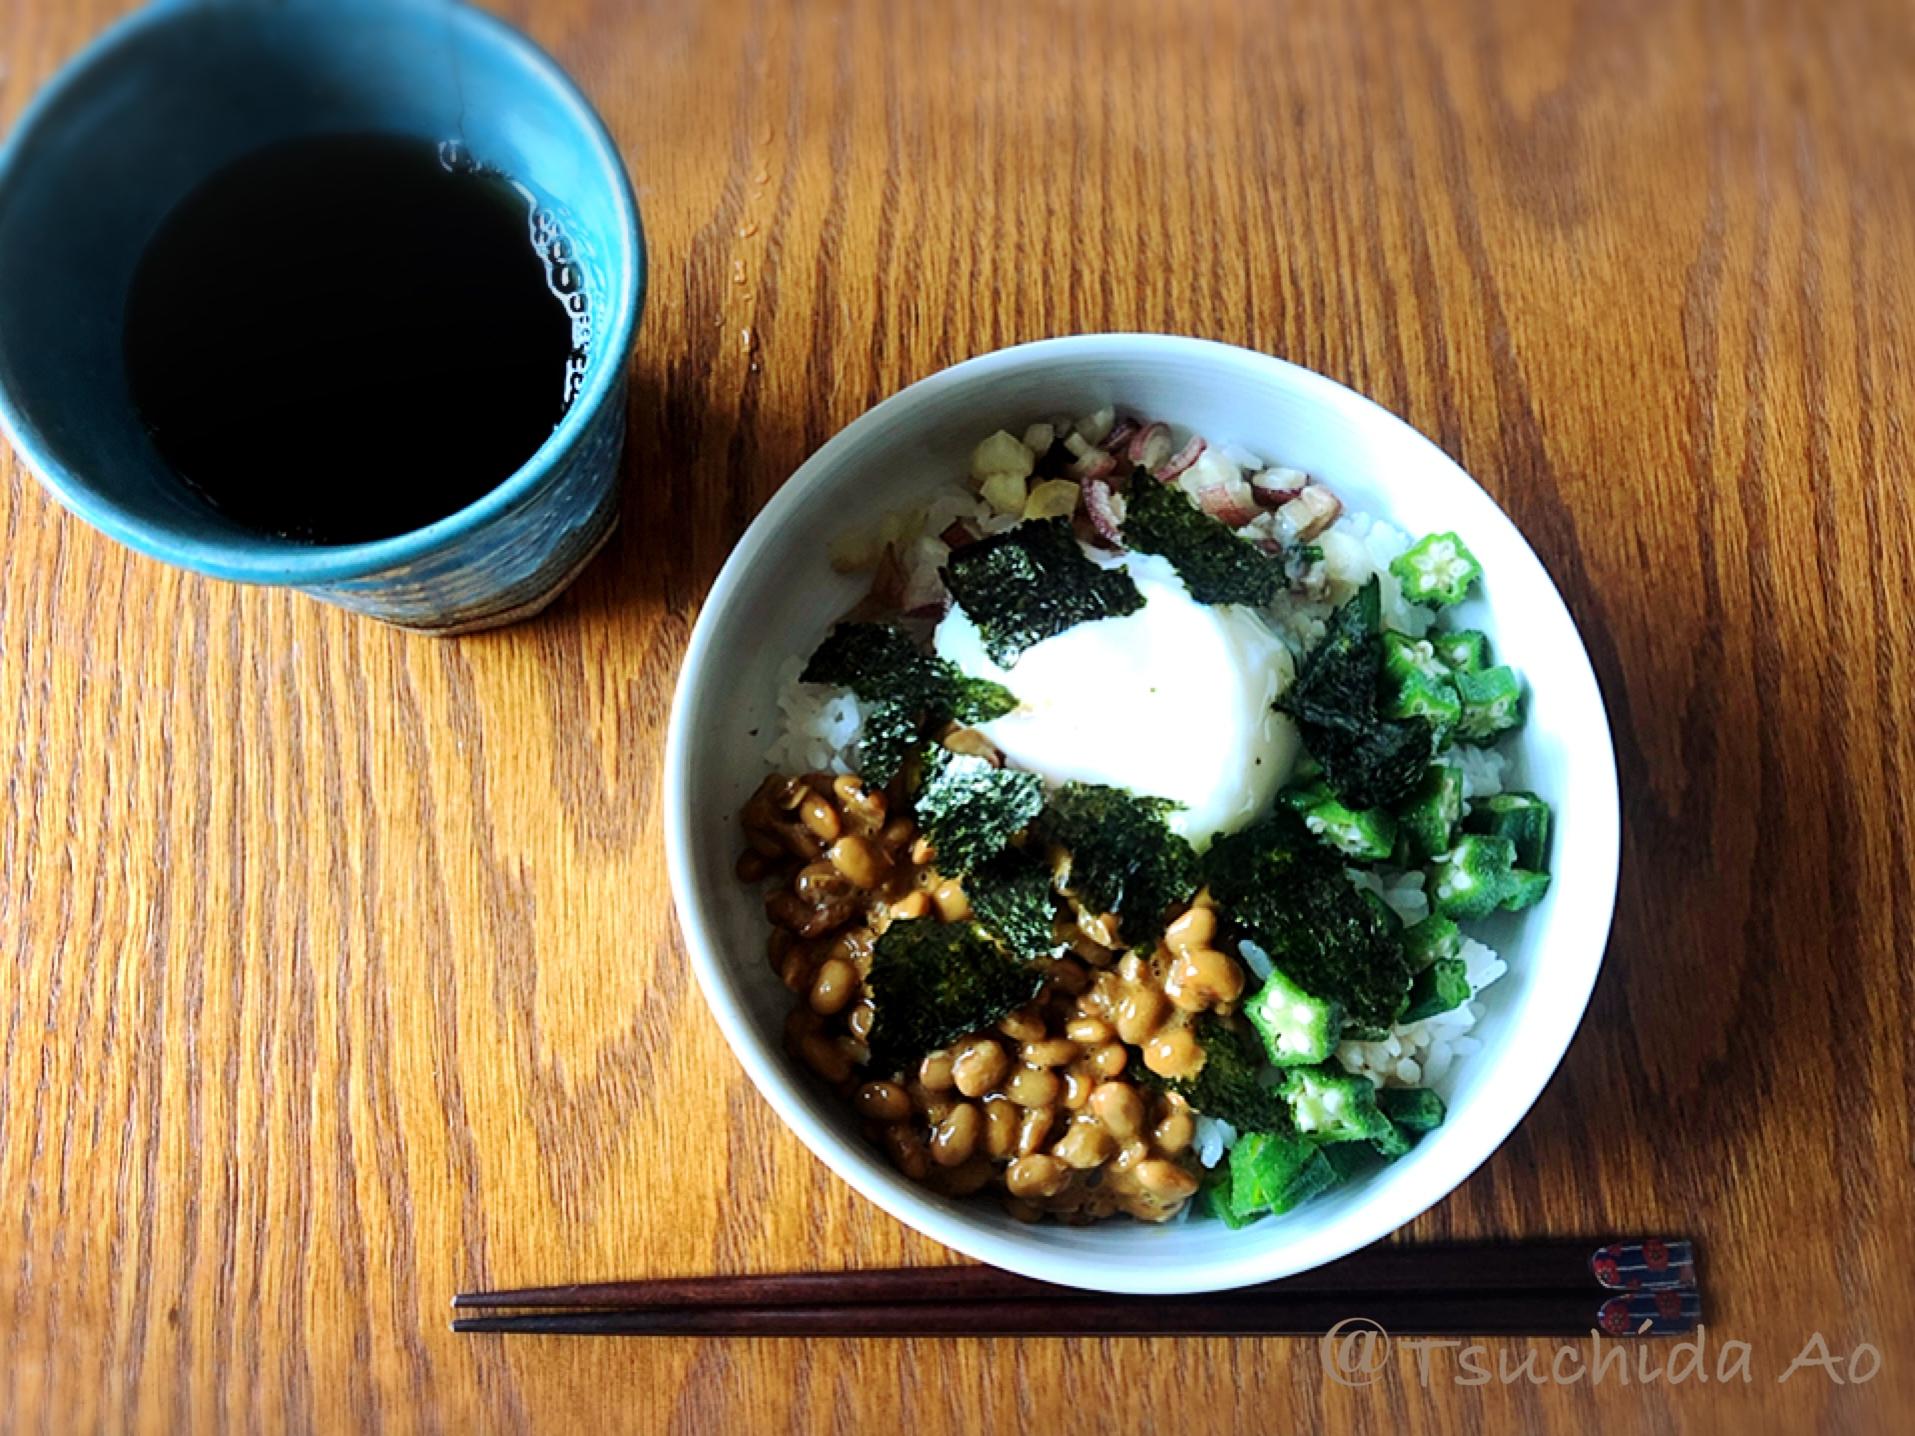 朝のアイラップ定食第10章〜オクラの麺つゆ漬けを使った納豆丼〜